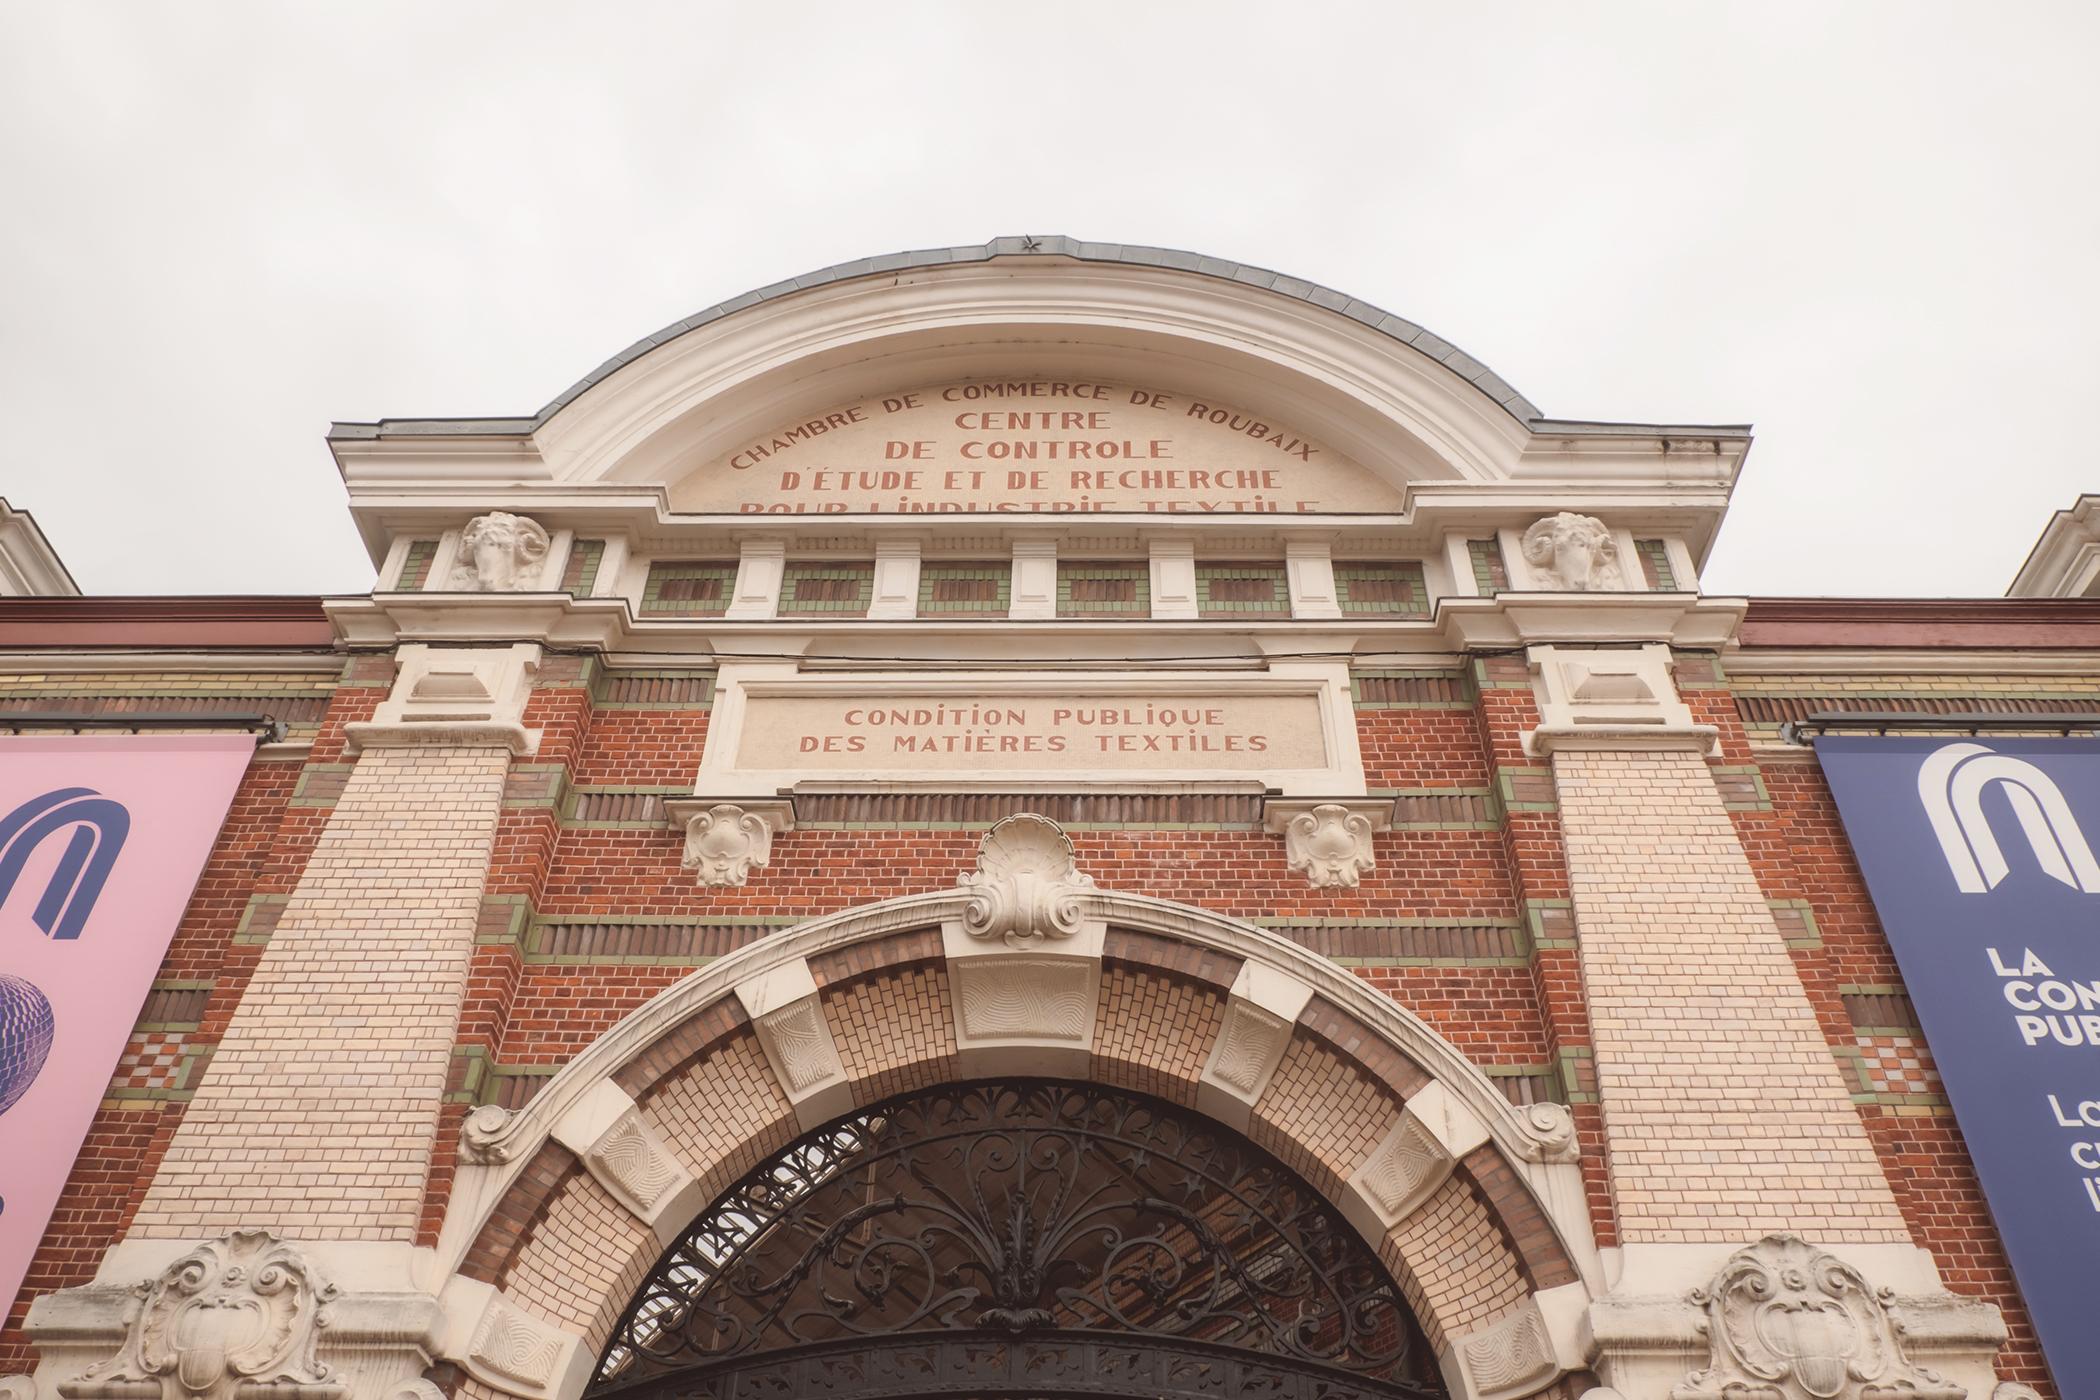 La façade de la Condition Publique à Roubaix